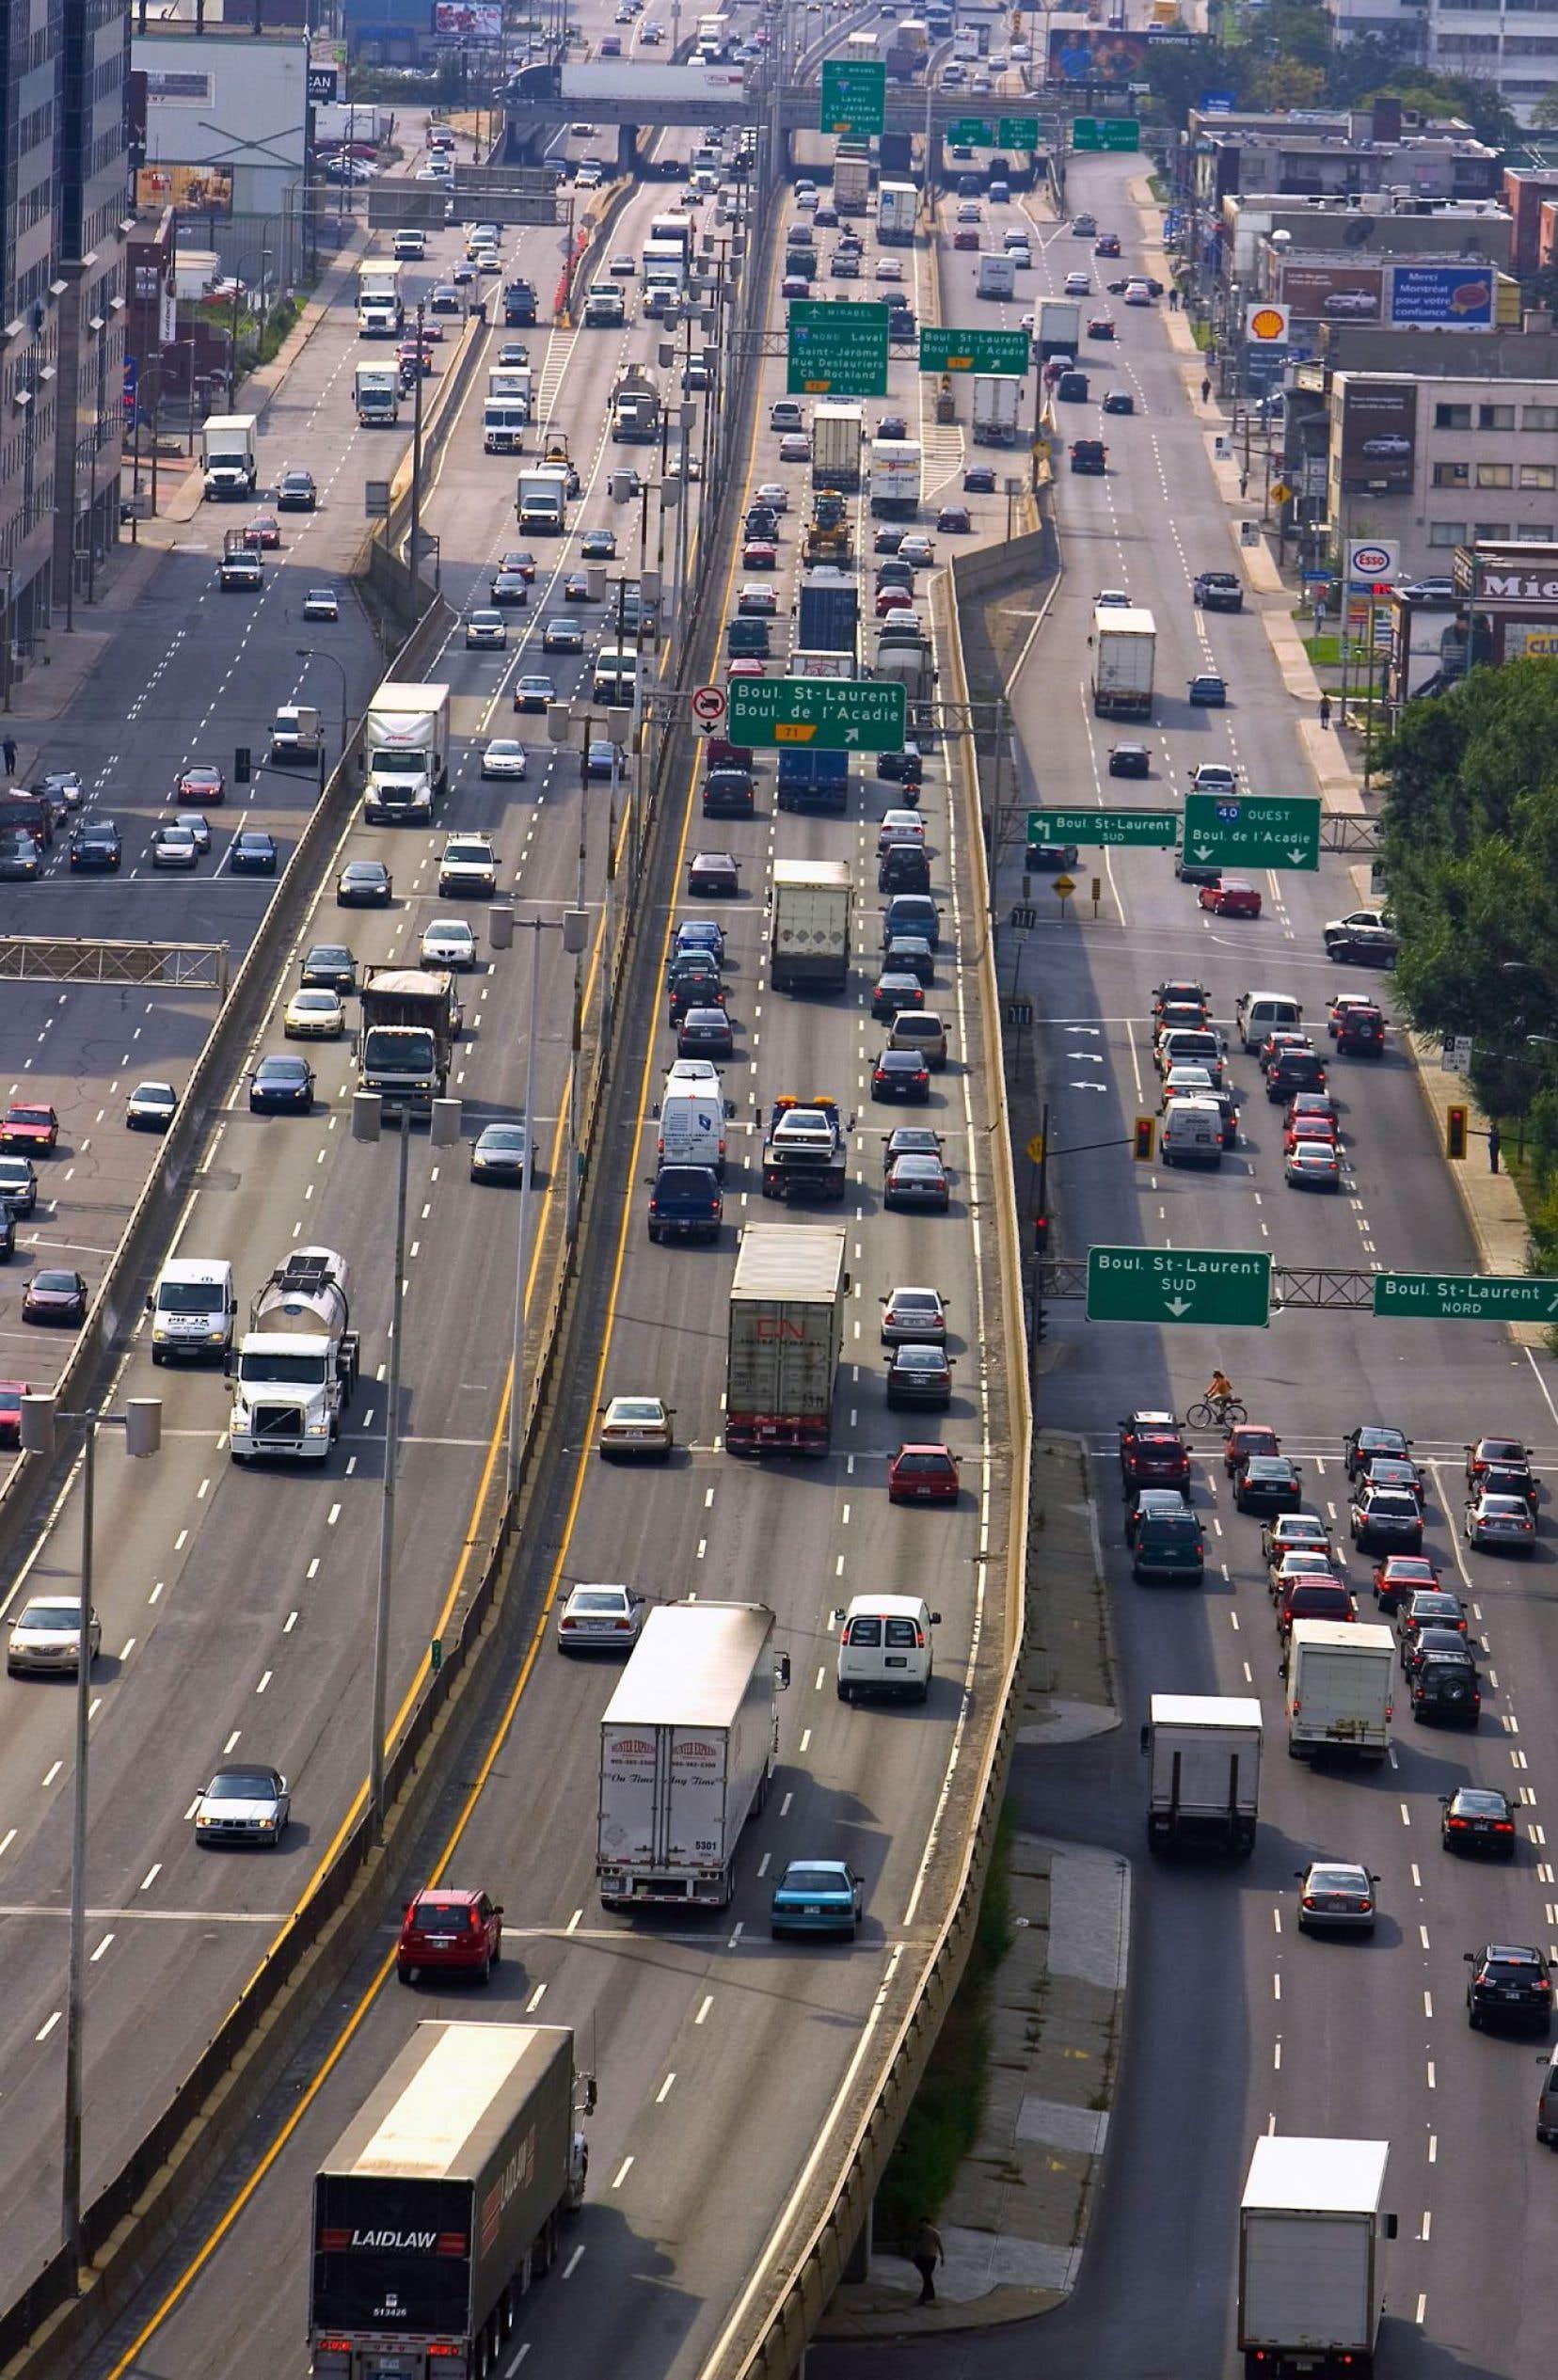 Avec un parc automobile de voitures sans conducteur connectées entre elles, le nombre d'accidents et la congestion routière diminueraient drastiquement.